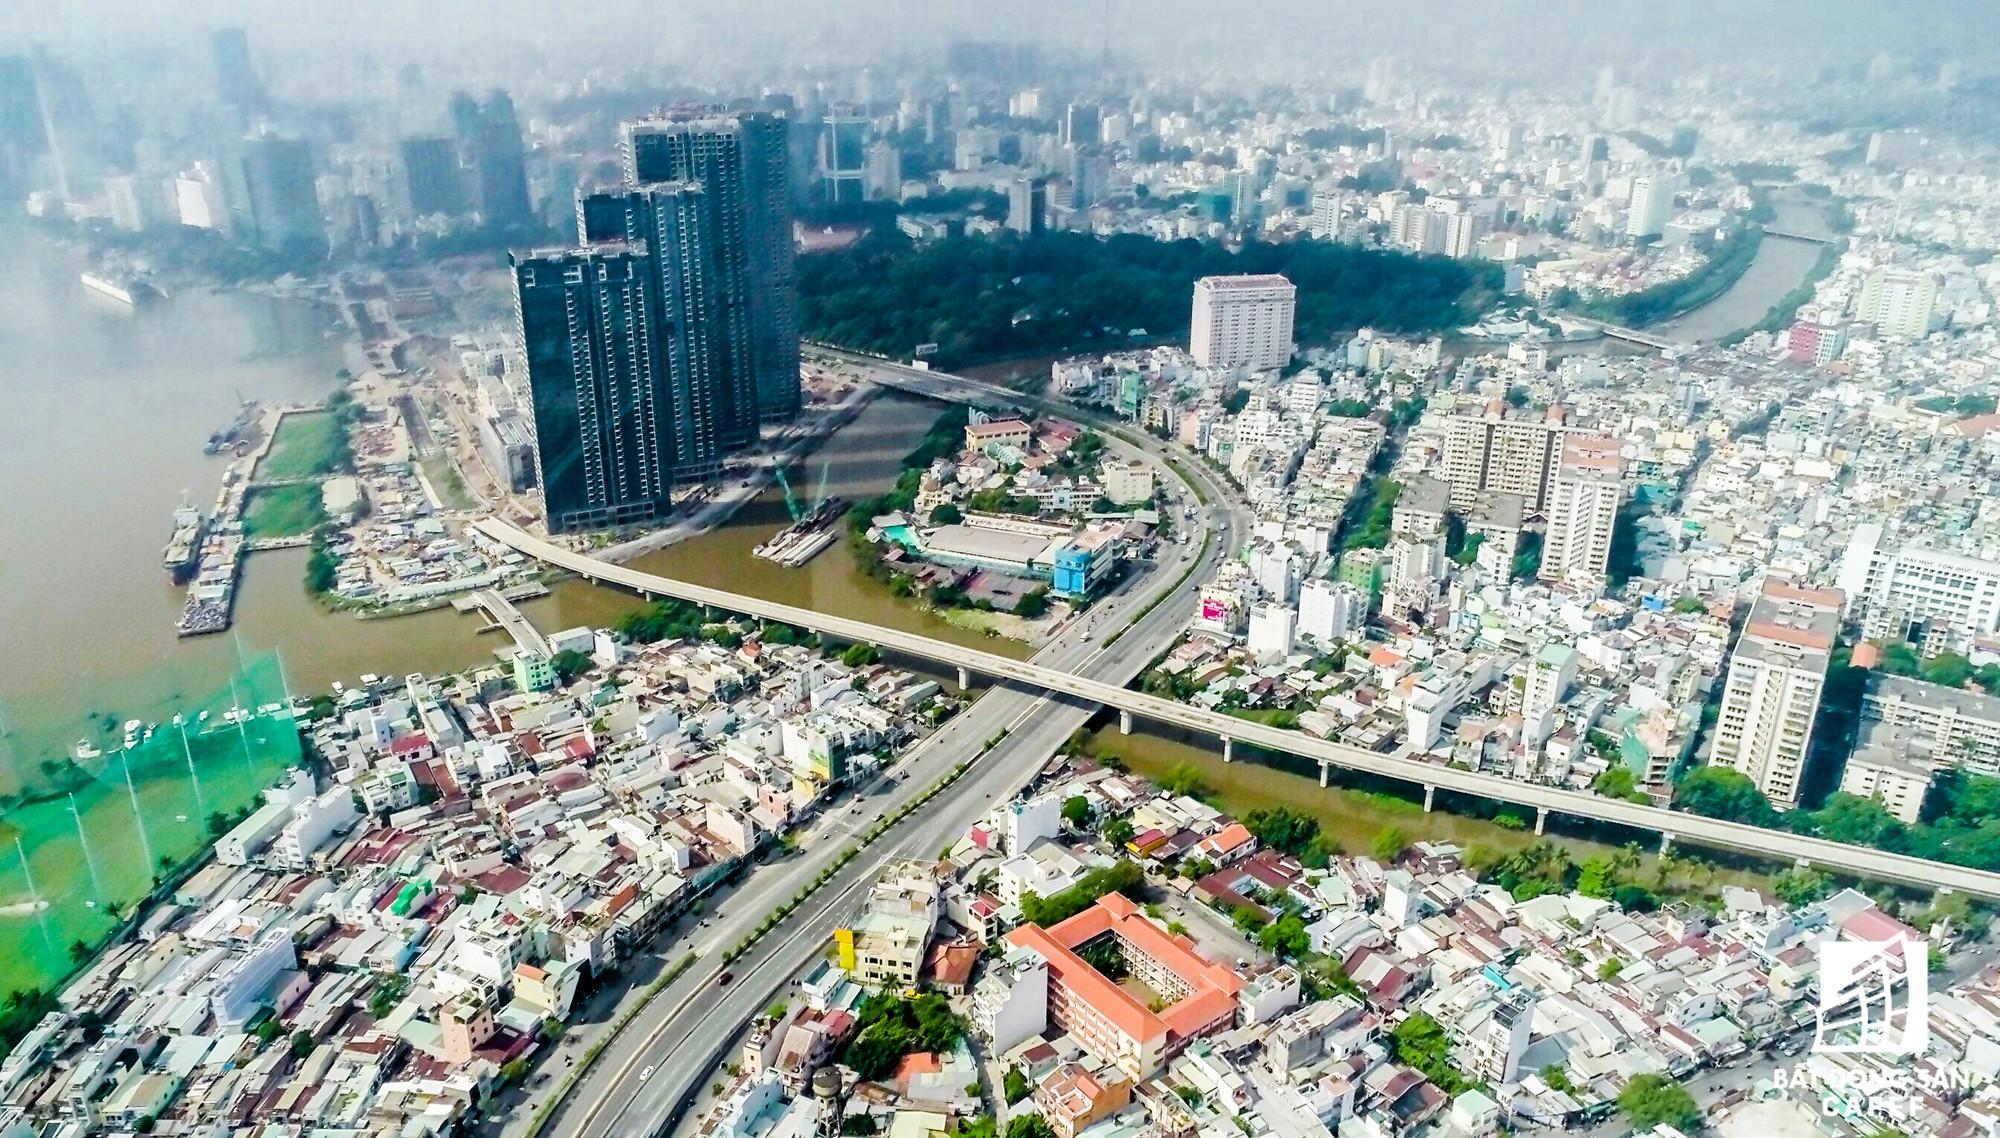 Toàn cảnh đô thị trung tâm Sài Gòn nhìn từ đỉnh tòa nhà cao nhất Việt Nam - Ảnh 18.